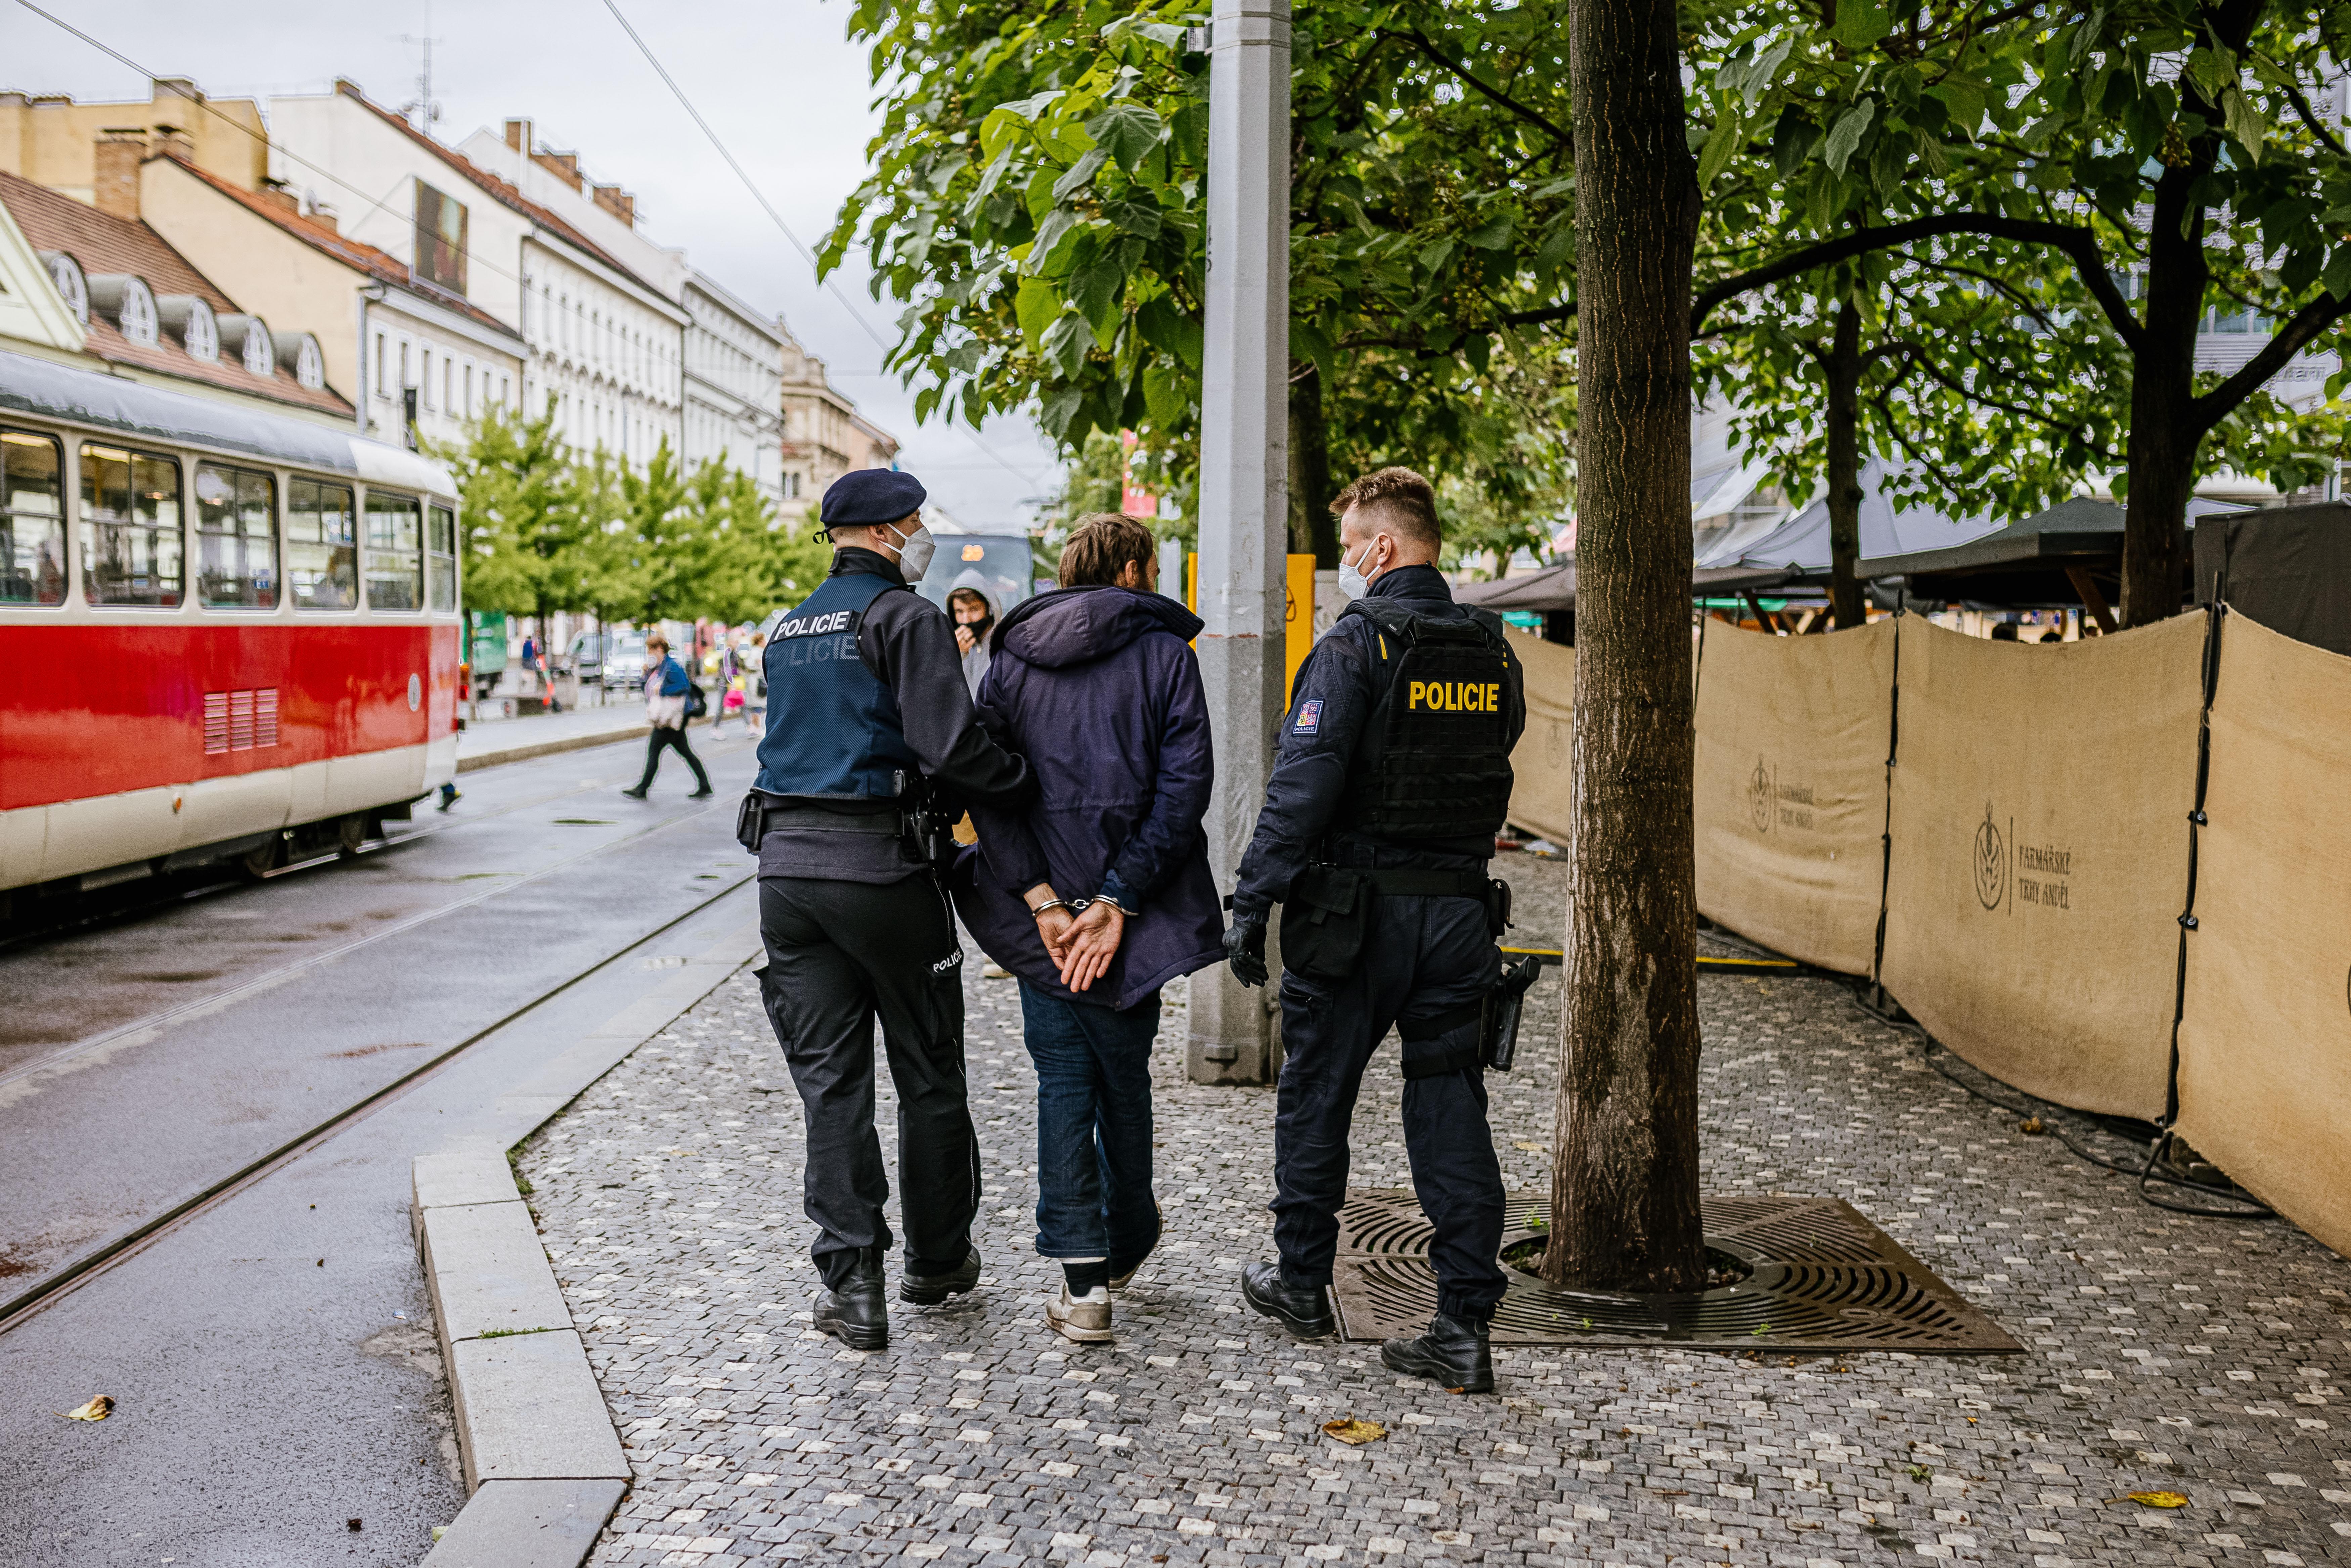 z-ulic-prahy-5-mizi-dealeri-drog-zatahy-specialniho-policejniho-tymu-pokracuji